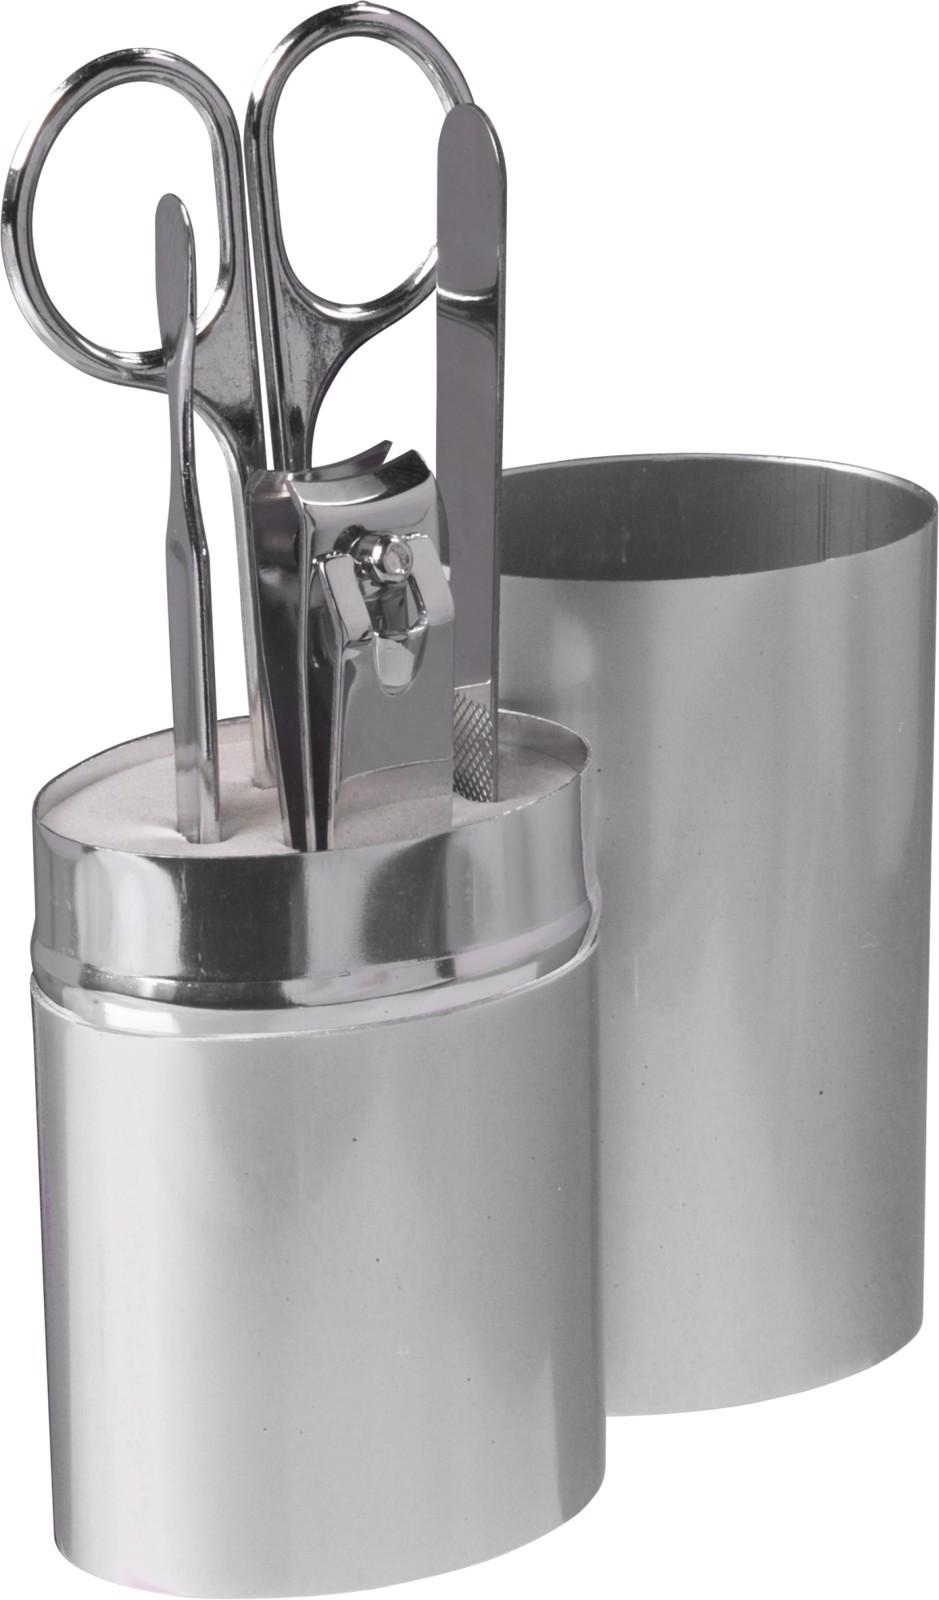 Aluminium case with manicure set